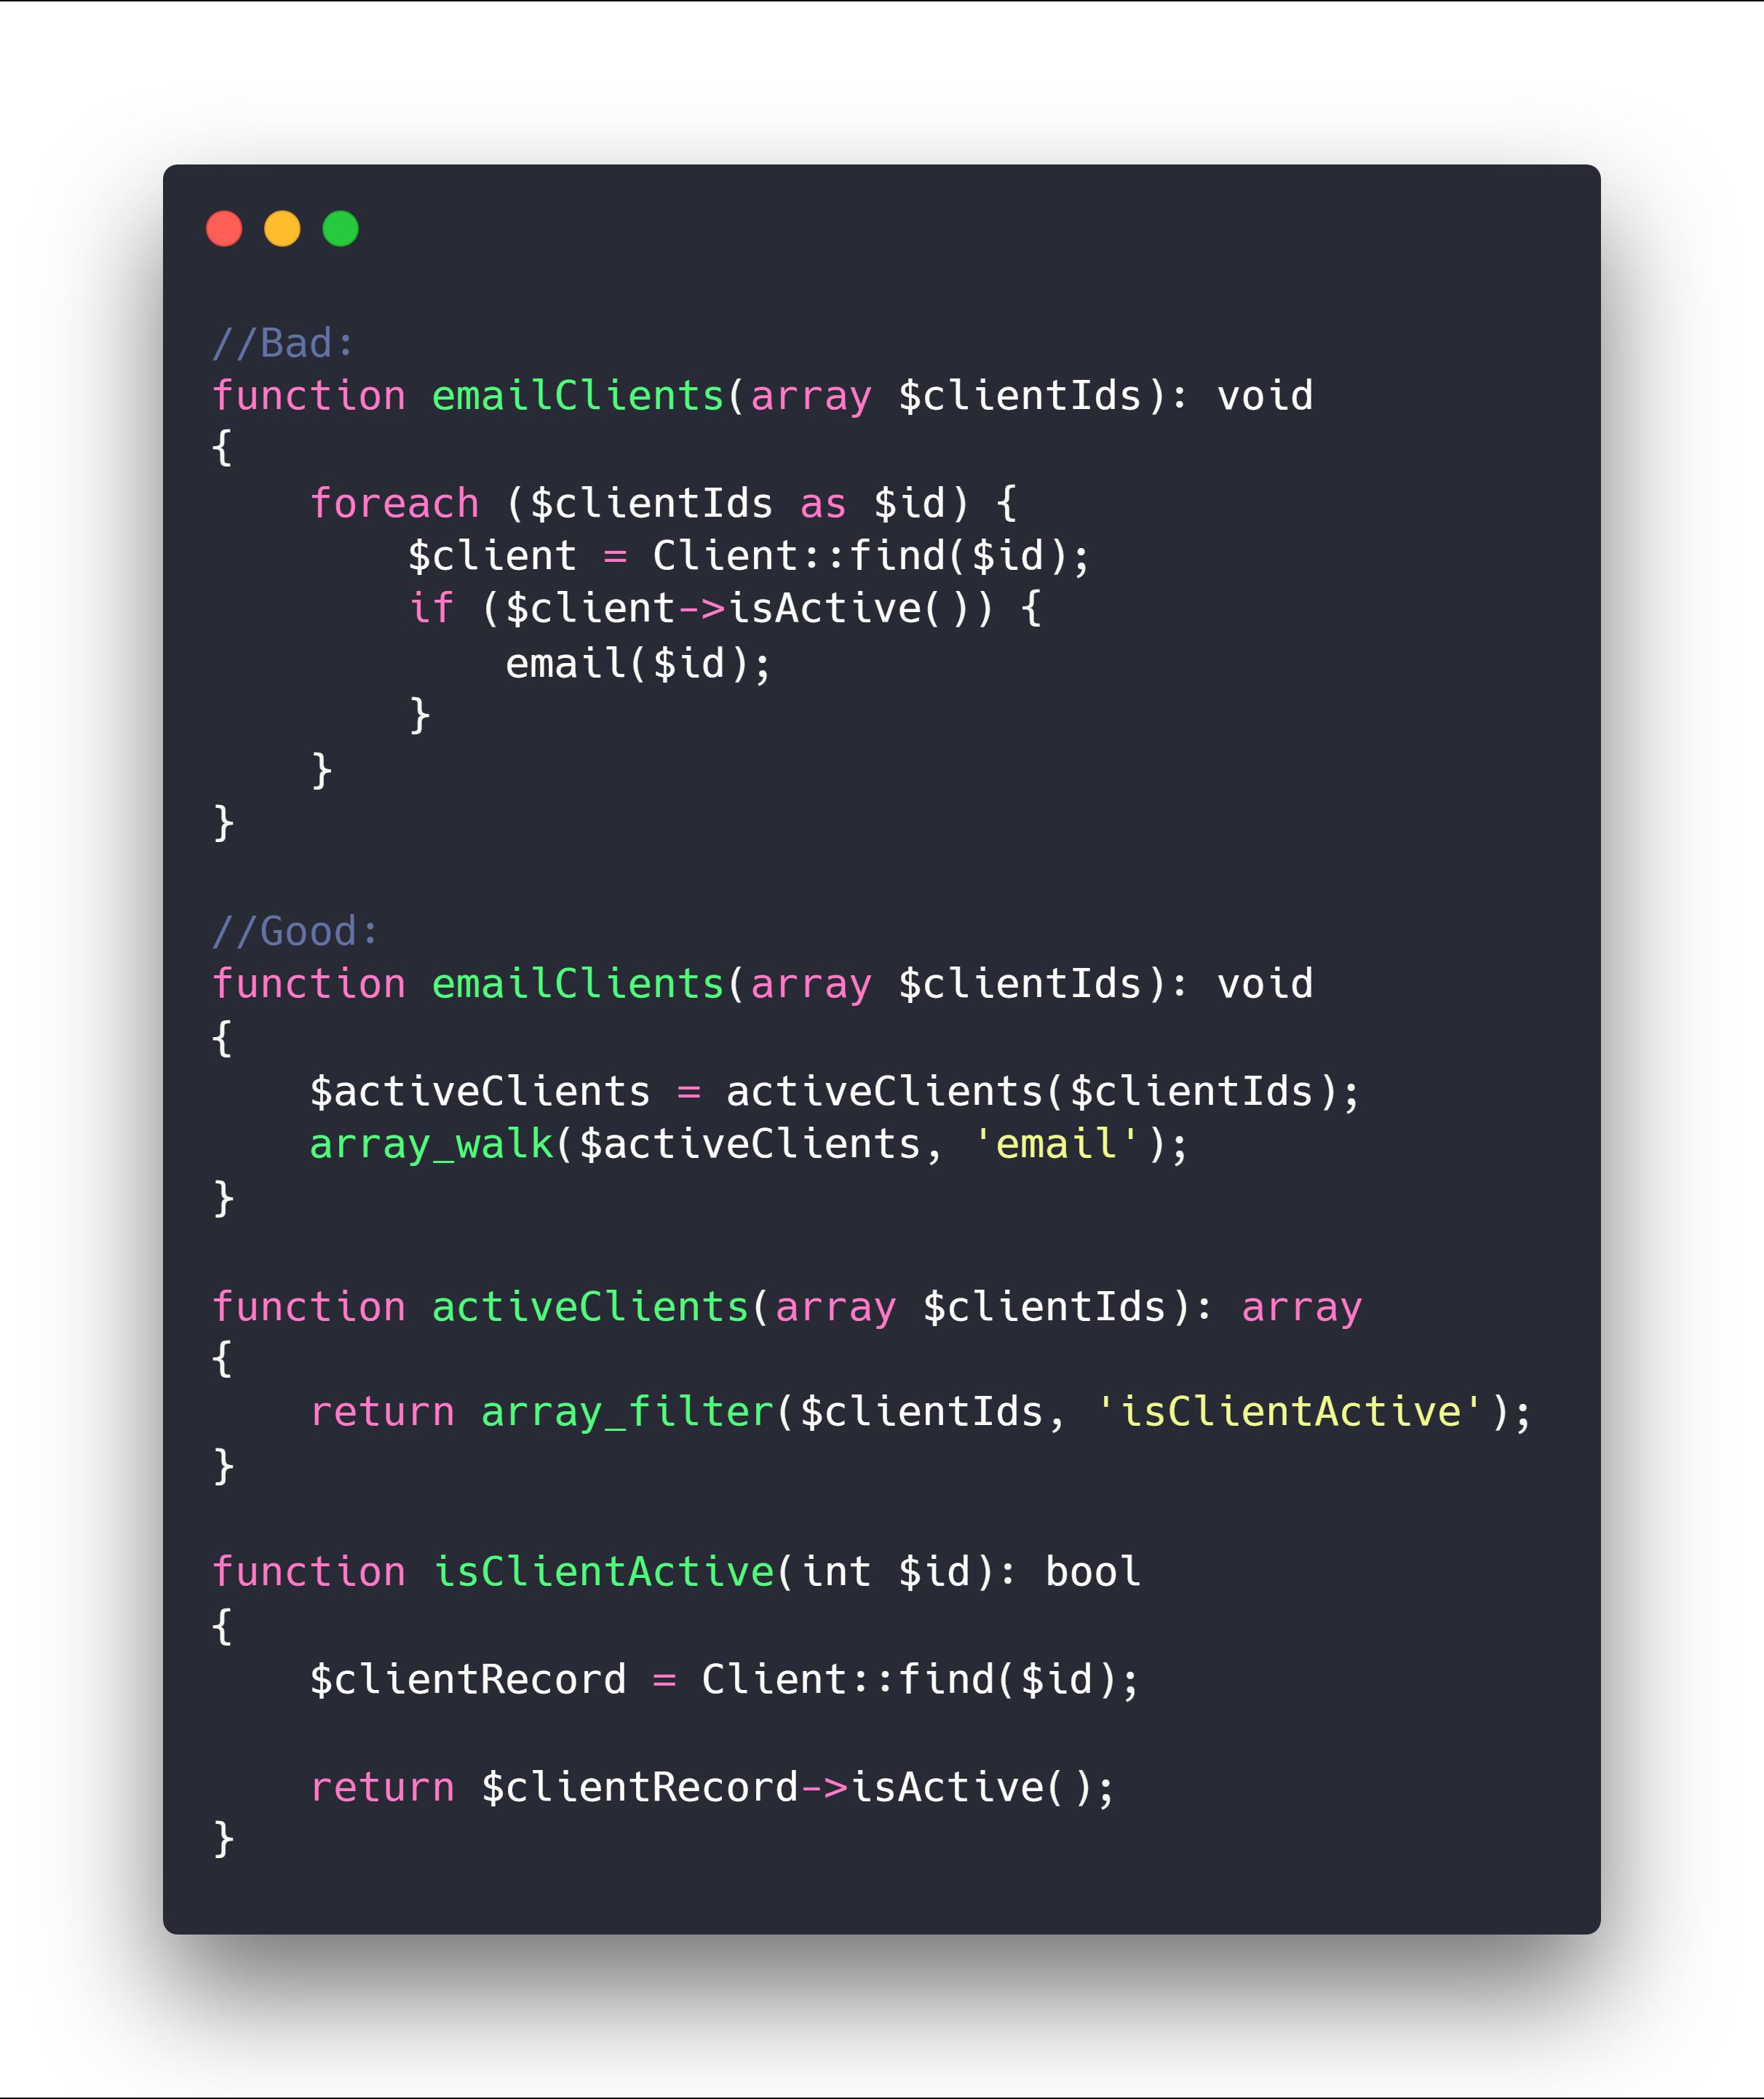 این مثال خوبی بود تا درک کنید مفهوم clean code لزوما کوتاه کردن کدنویسی نیست بلکه هدف خوانا بودن کد هستش.